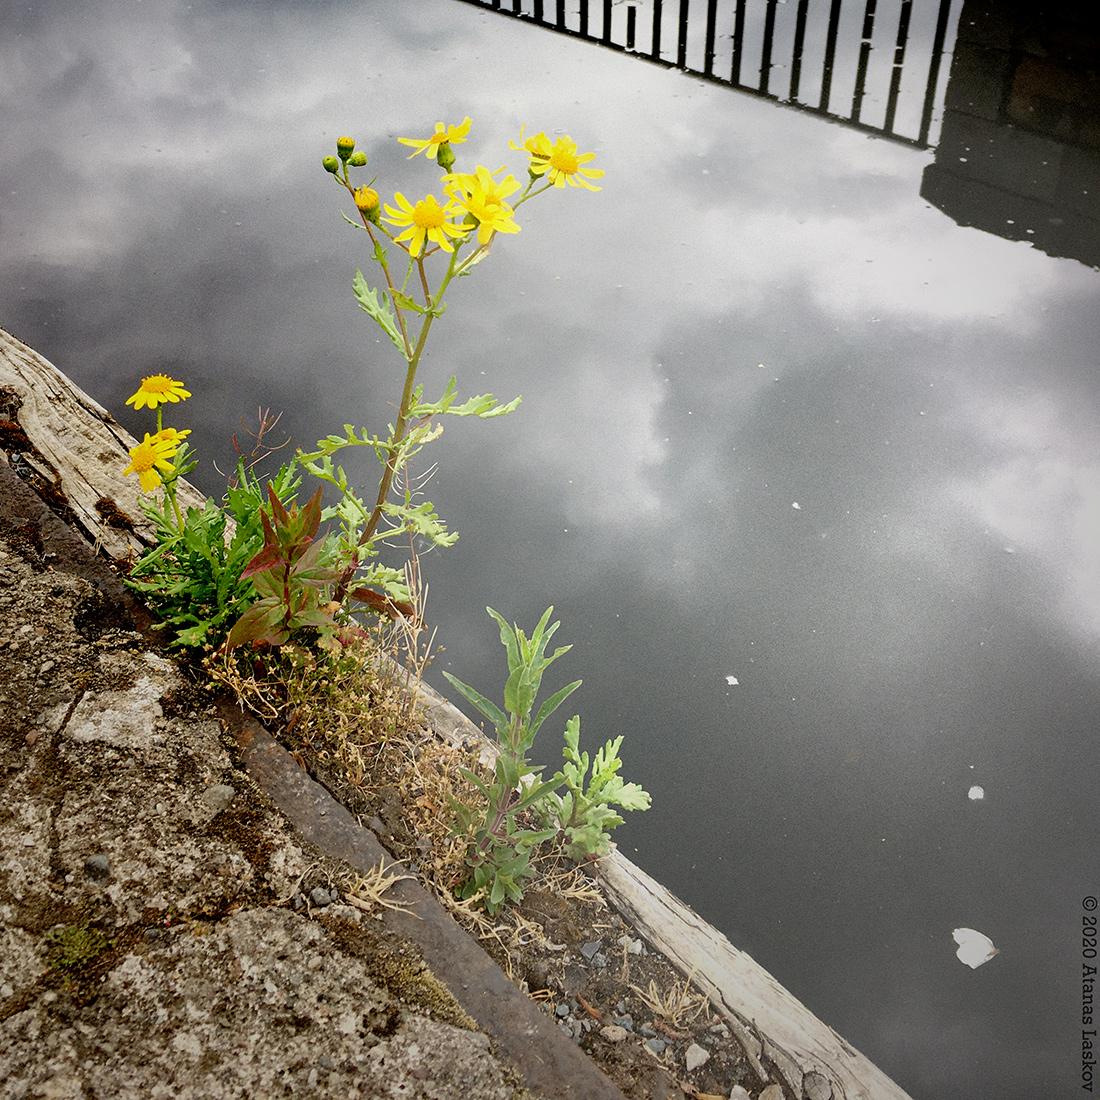 Pettite fleur jaune